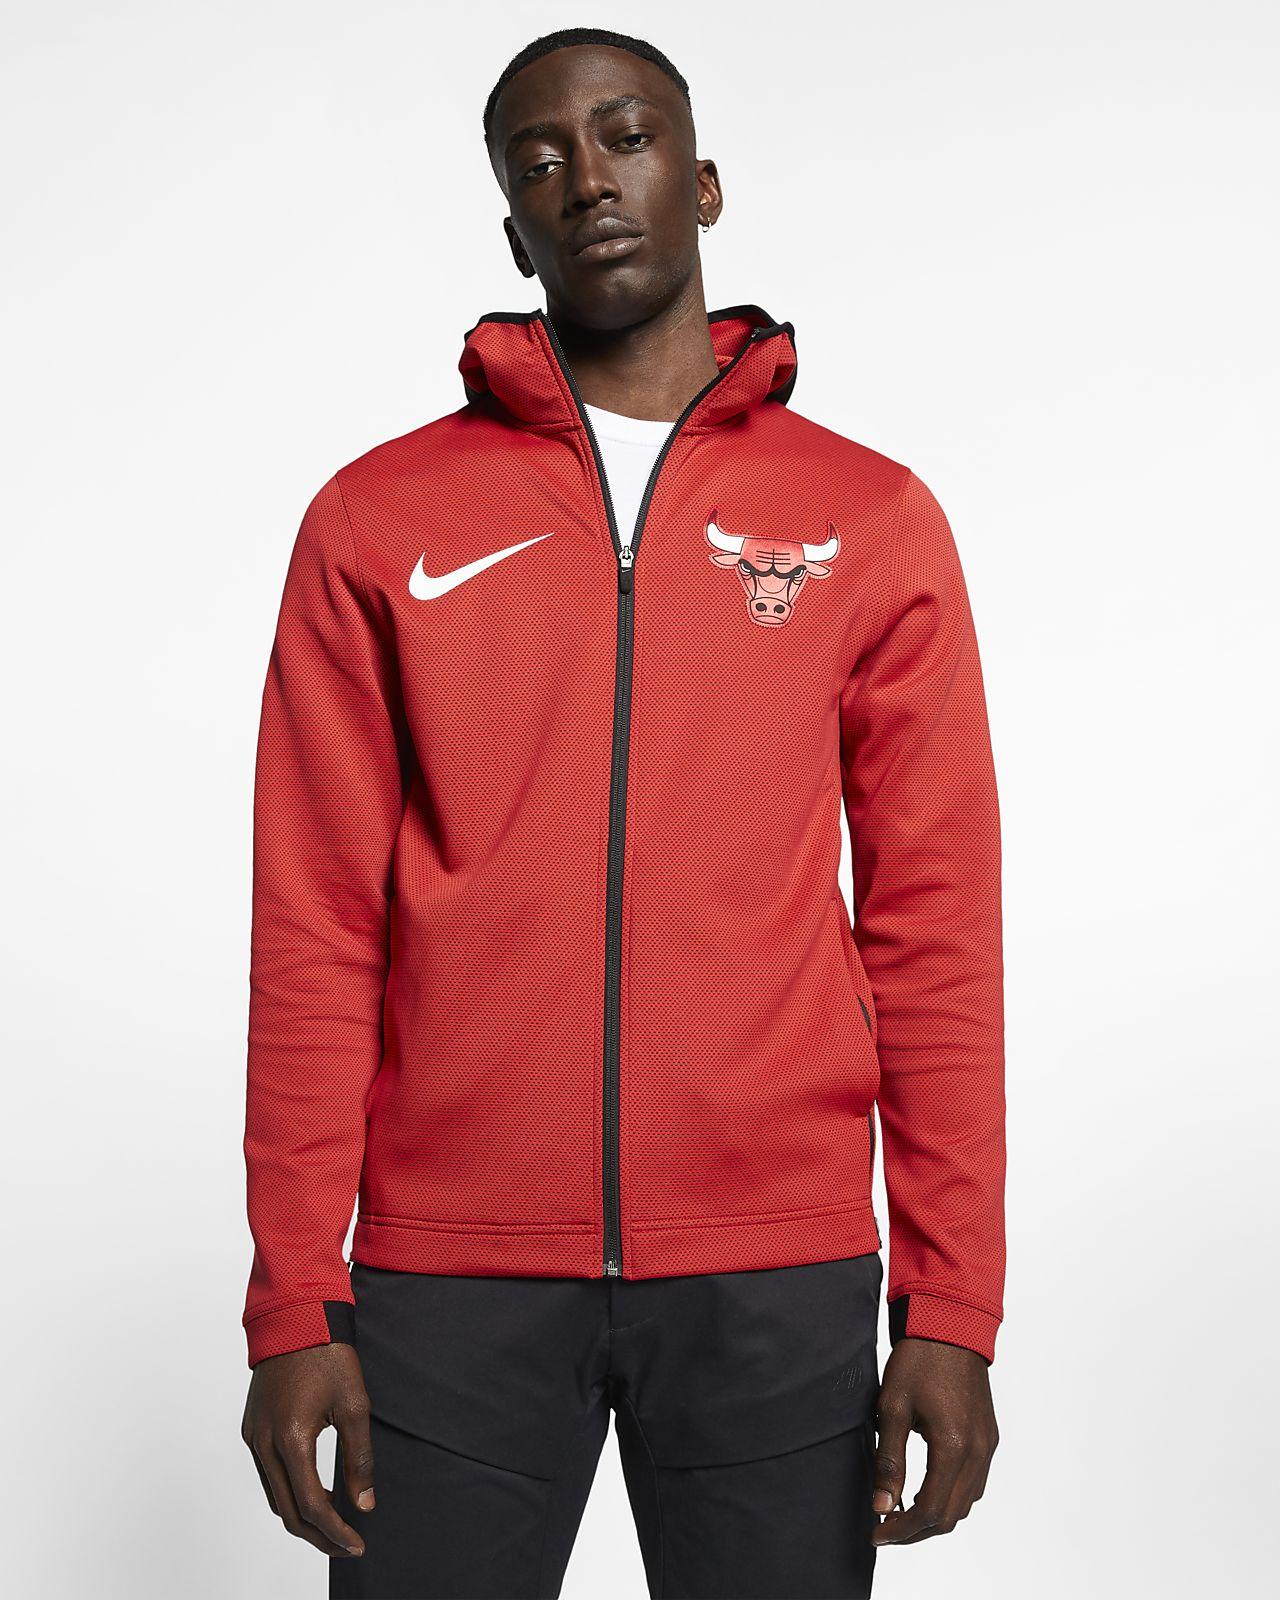 ordre Vente au rabais 2019 sélectionner pour l'original Chicago Bulls Nike Therma Flex Showtime Men's NBA Hoodie